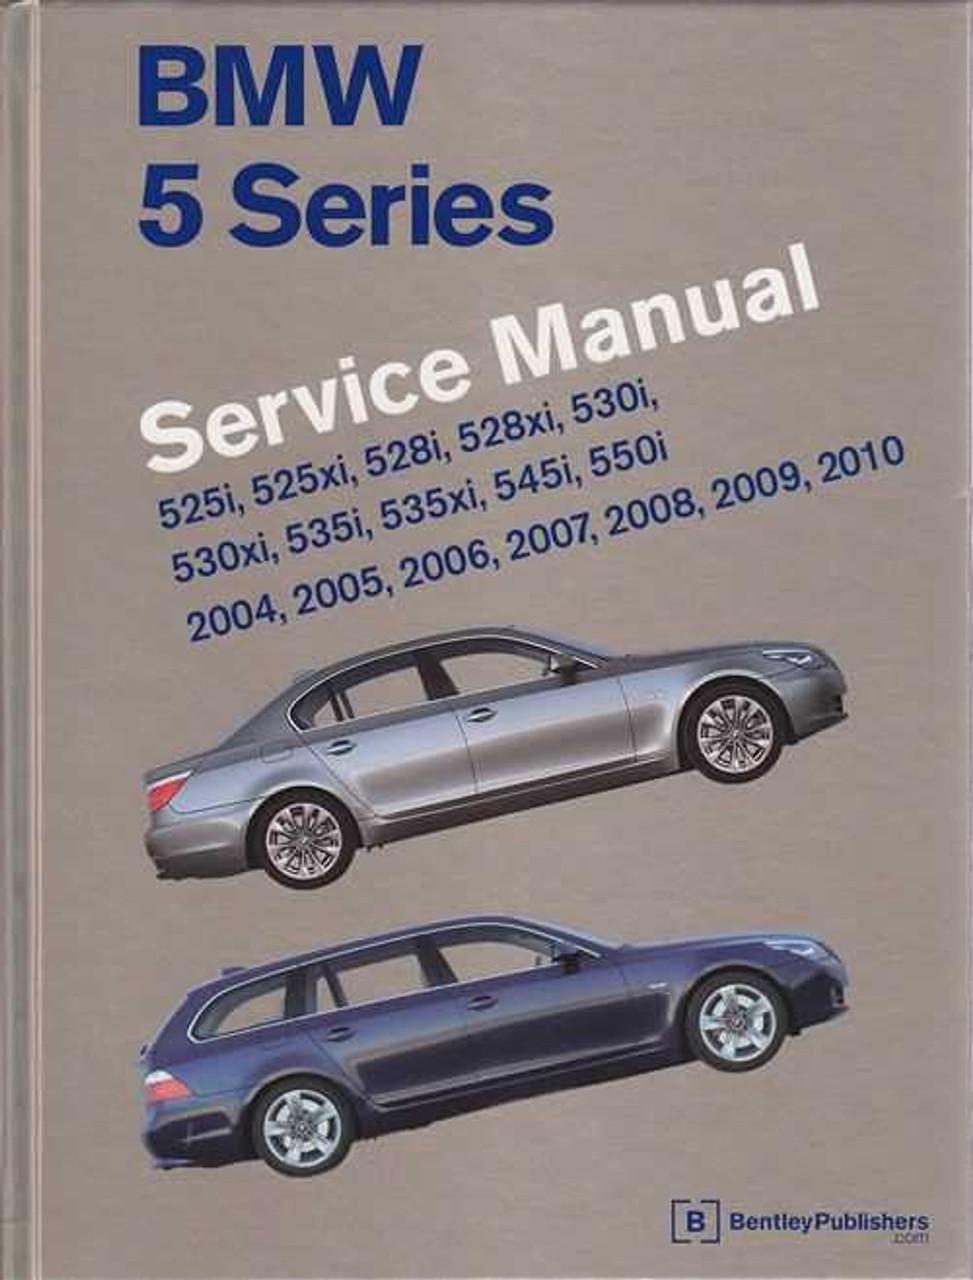 bmw 5 series e60 e61 2004 2010 workshop manual rh automotobookshop com au e60 bentley manual bmw e60 bentley manual pdf